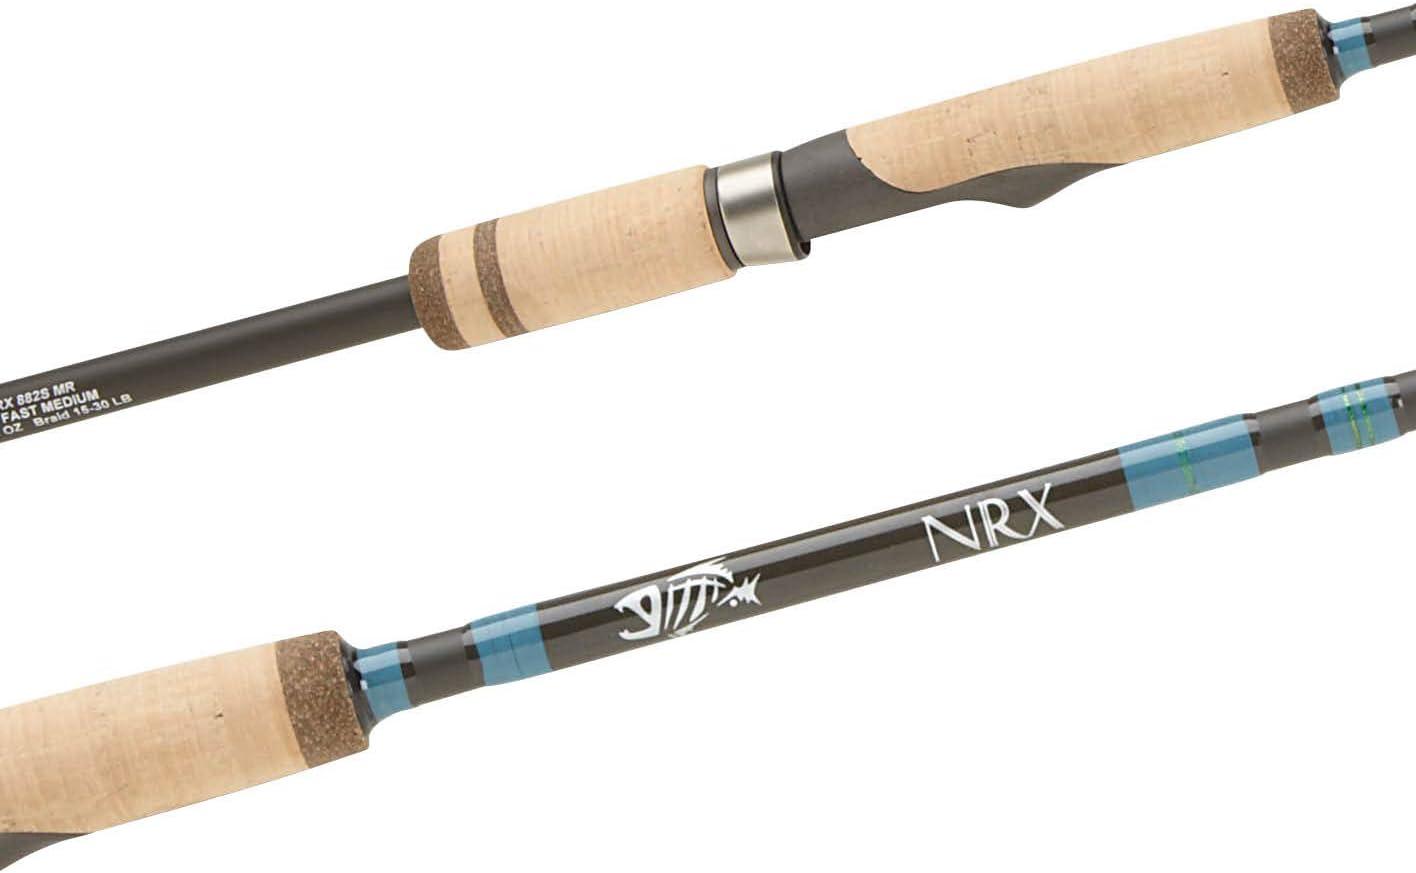 NRX 883S MR 7 4 Med Hvy Fast